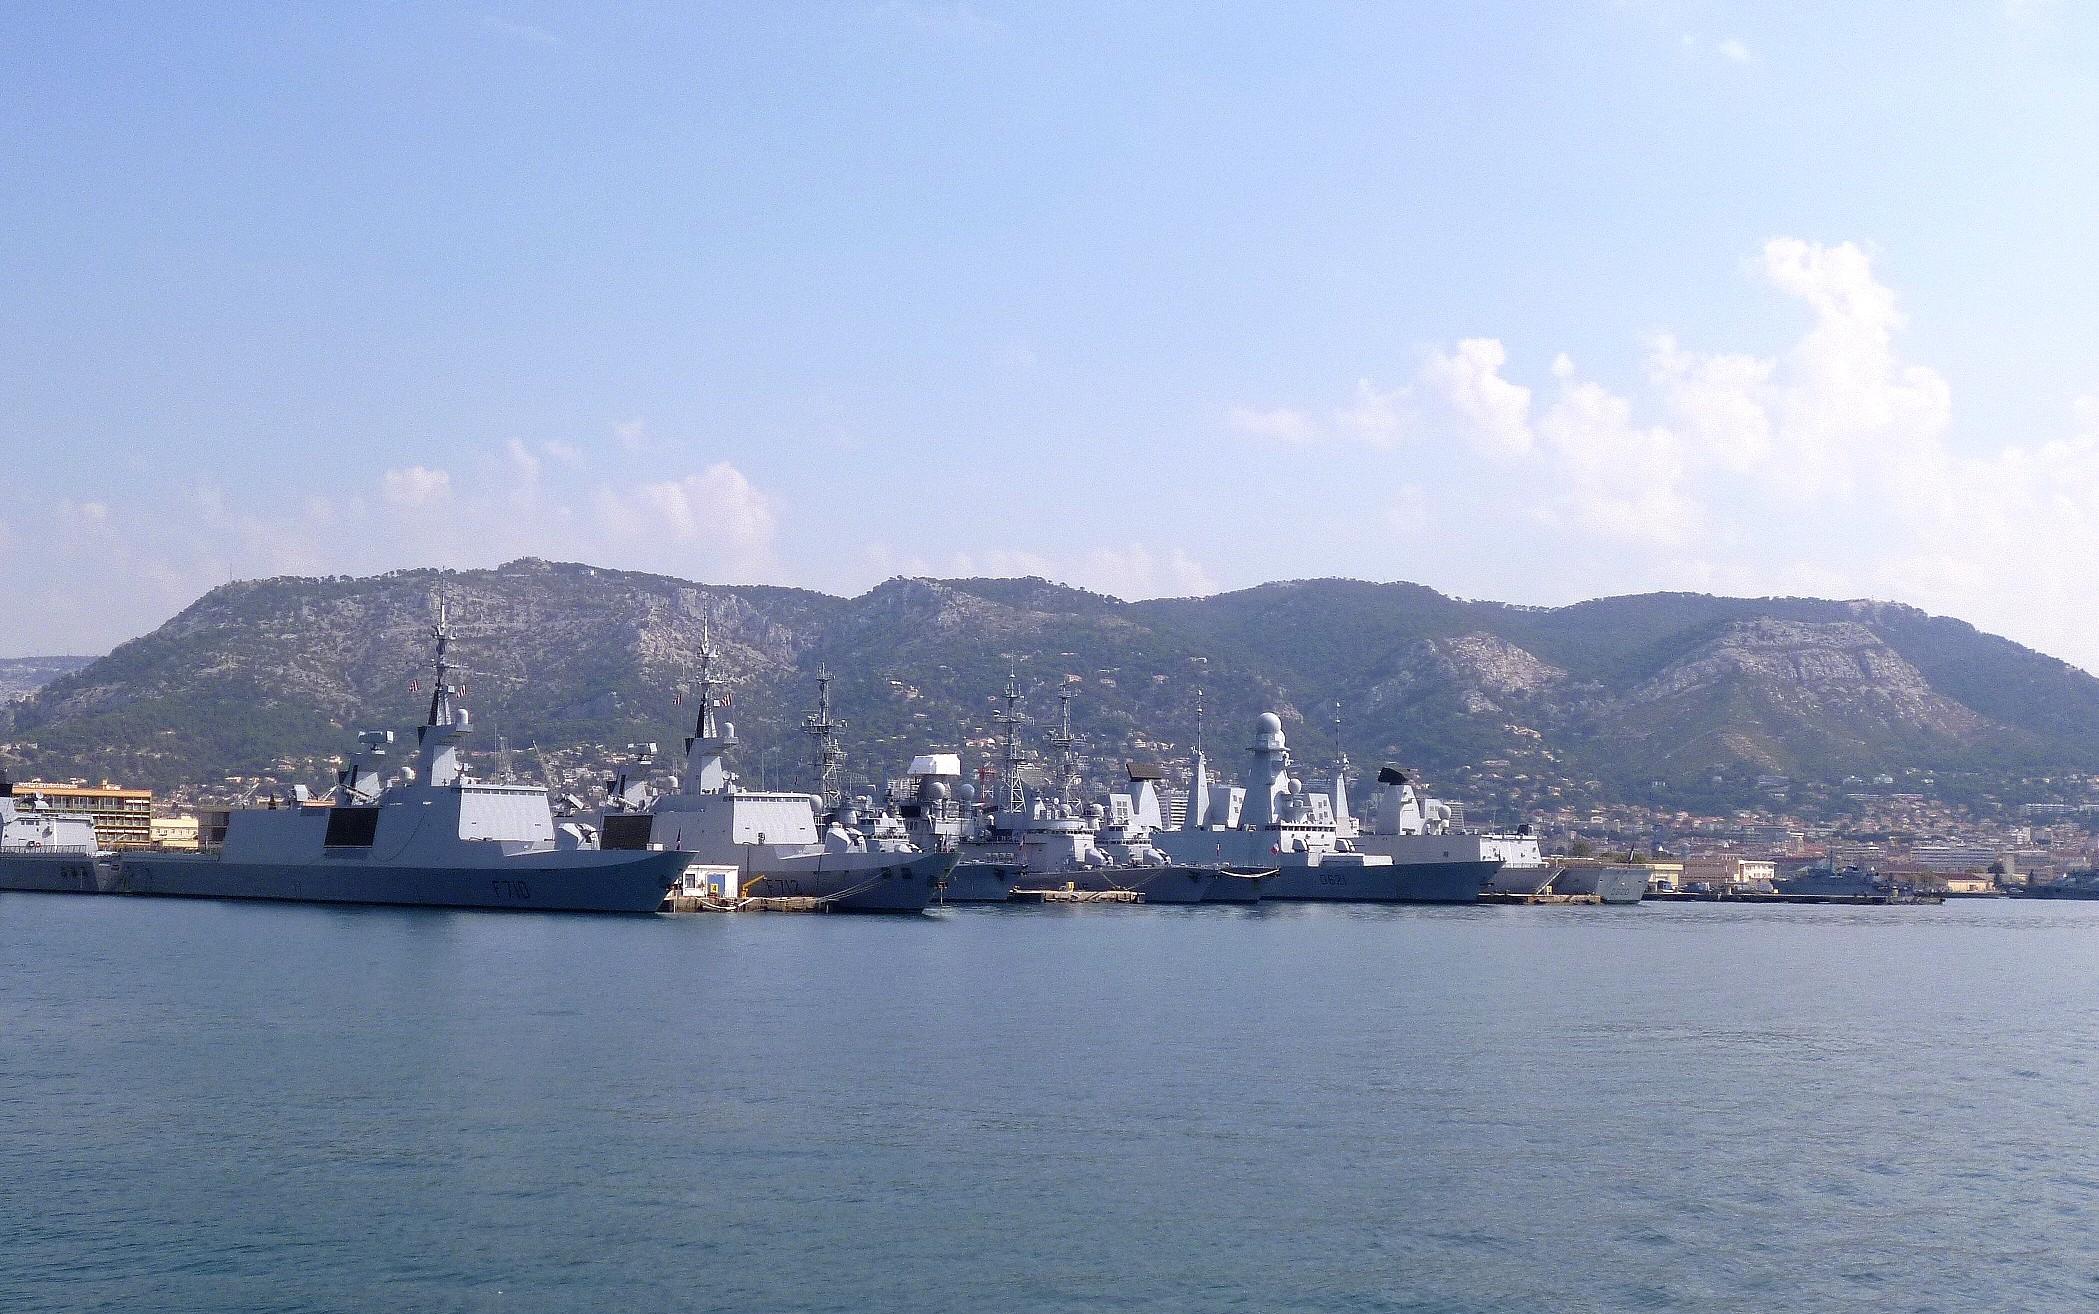 Les news en images du port de TOULON - Page 37 9562246859_41b47aac76_o